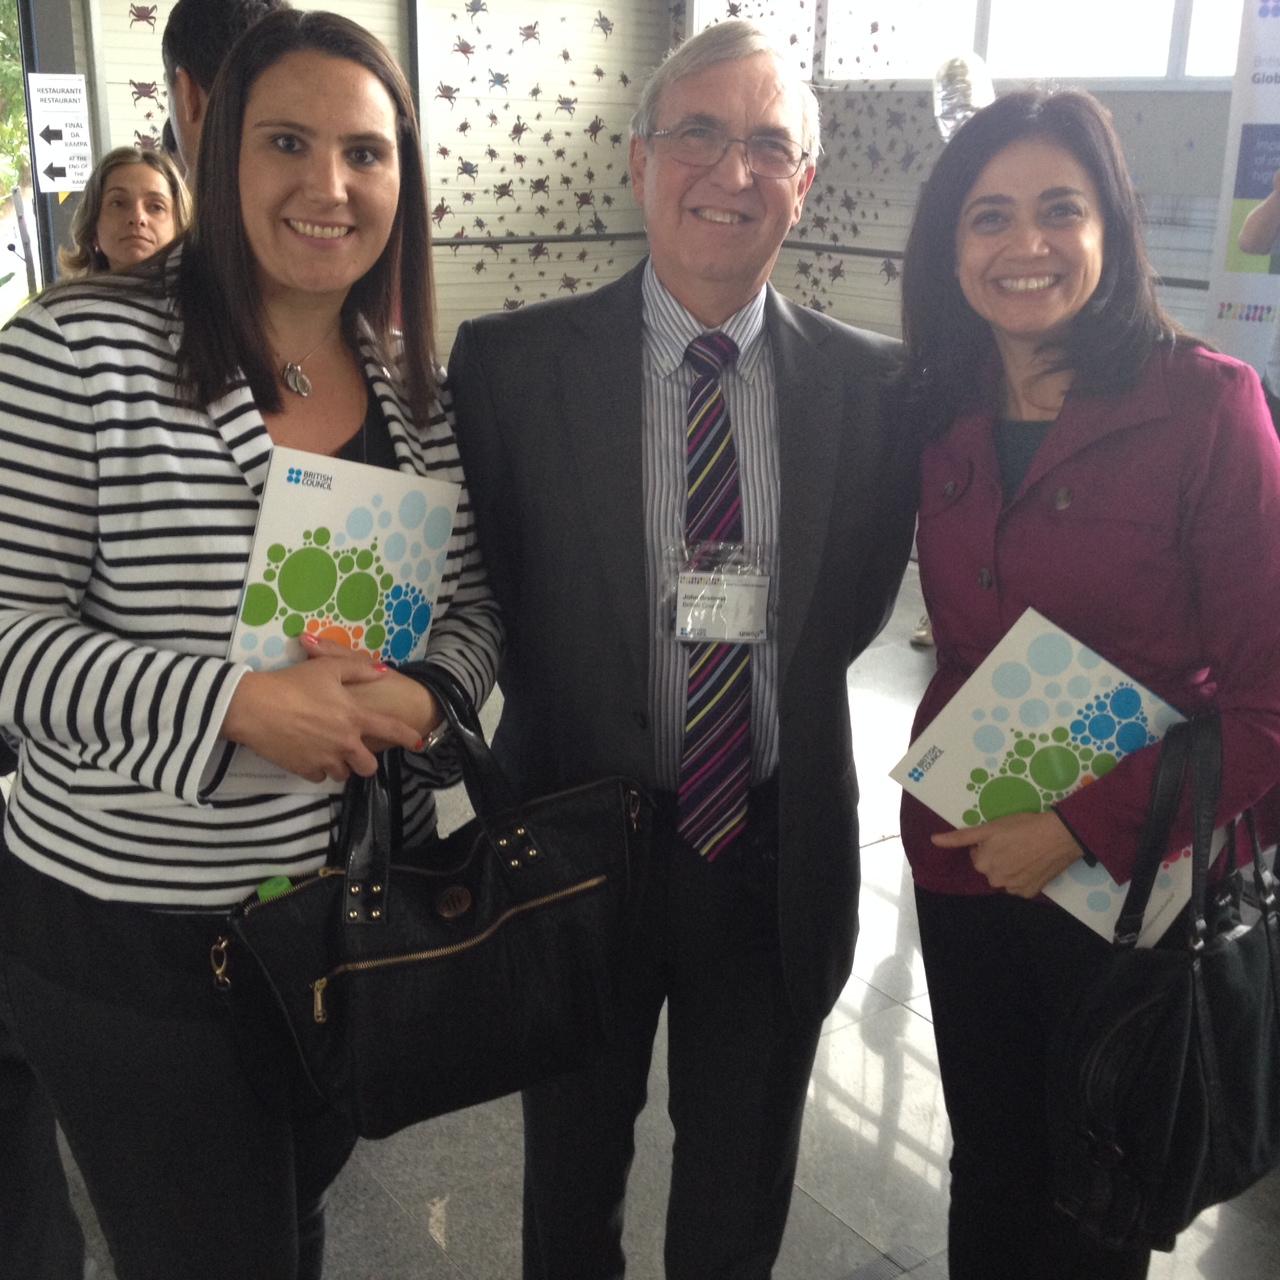 UNIFEBE busca novos parceiros em workshop internacional de universidades